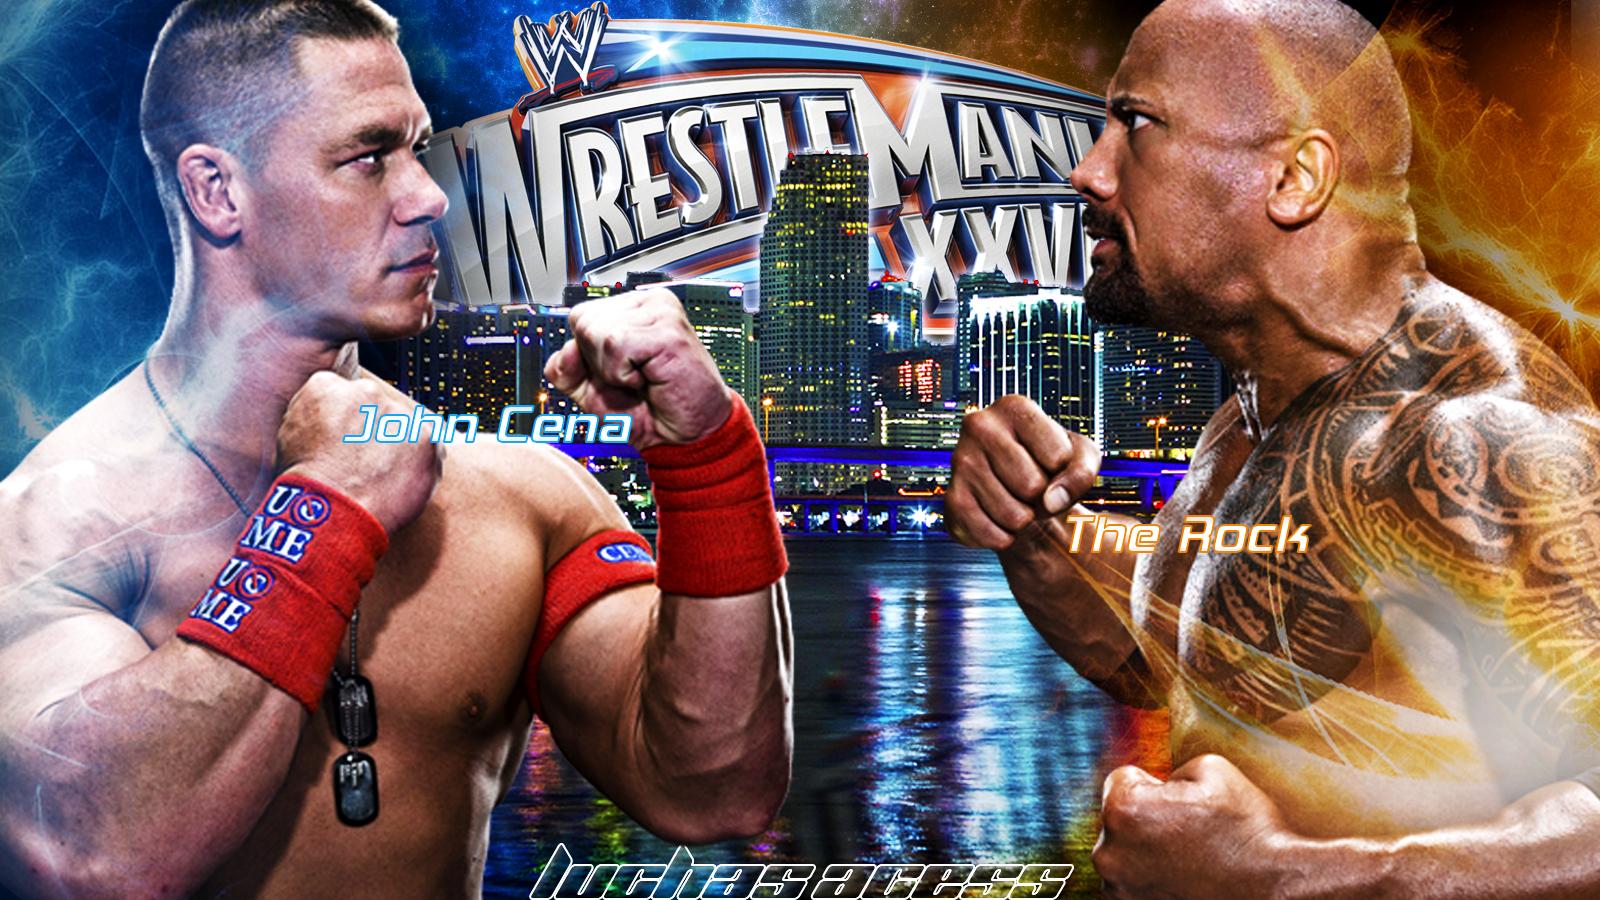 http://1.bp.blogspot.com/-Th3pTzrdH3o/T3kc_eU-XII/AAAAAAAAAqA/HxqZK8VJYwY/s1600/wallpaper-john-cena-vs-the-rock-wrestlemania-28-2012.jpg